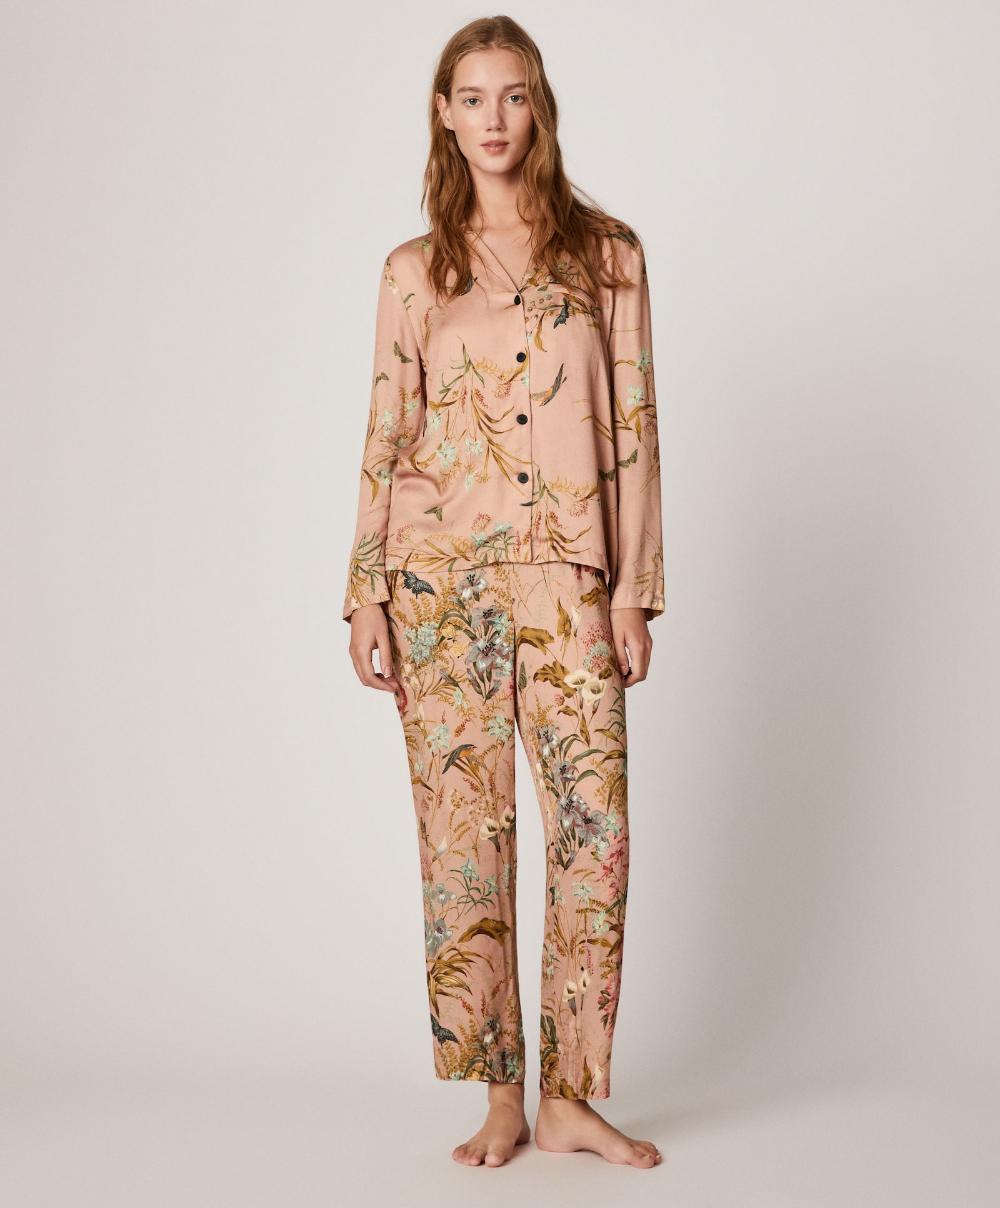 oberteil mit floralem print - pyjamas - pyjamas | oysho